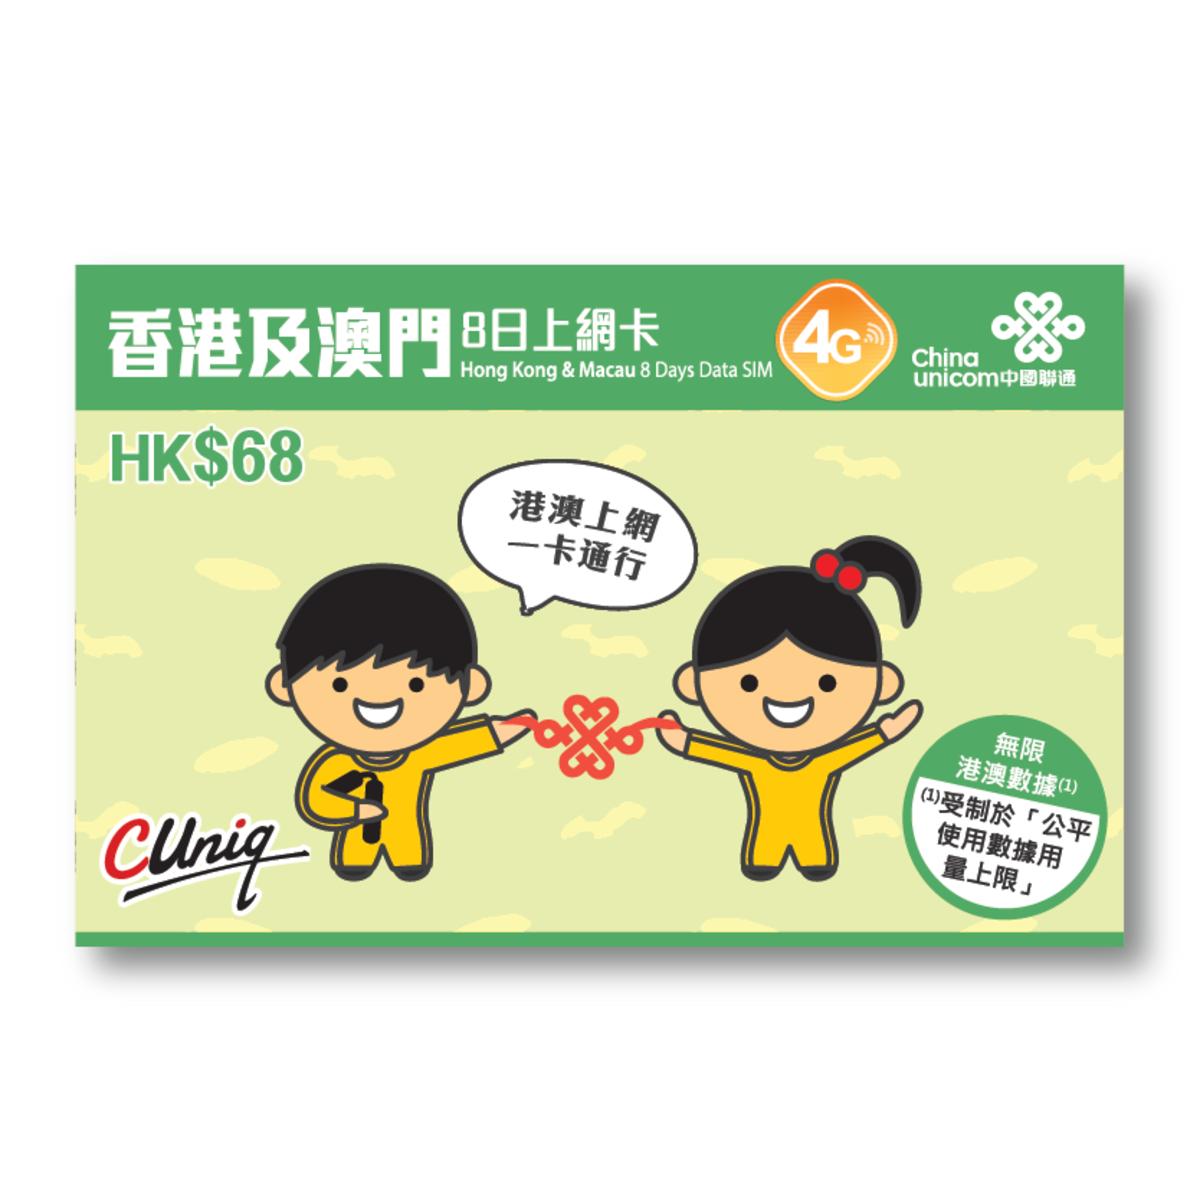 8days Hong Kong & Macau 4G/3G Data Prepaid SIM Card - Expiry Day:30/06/2020